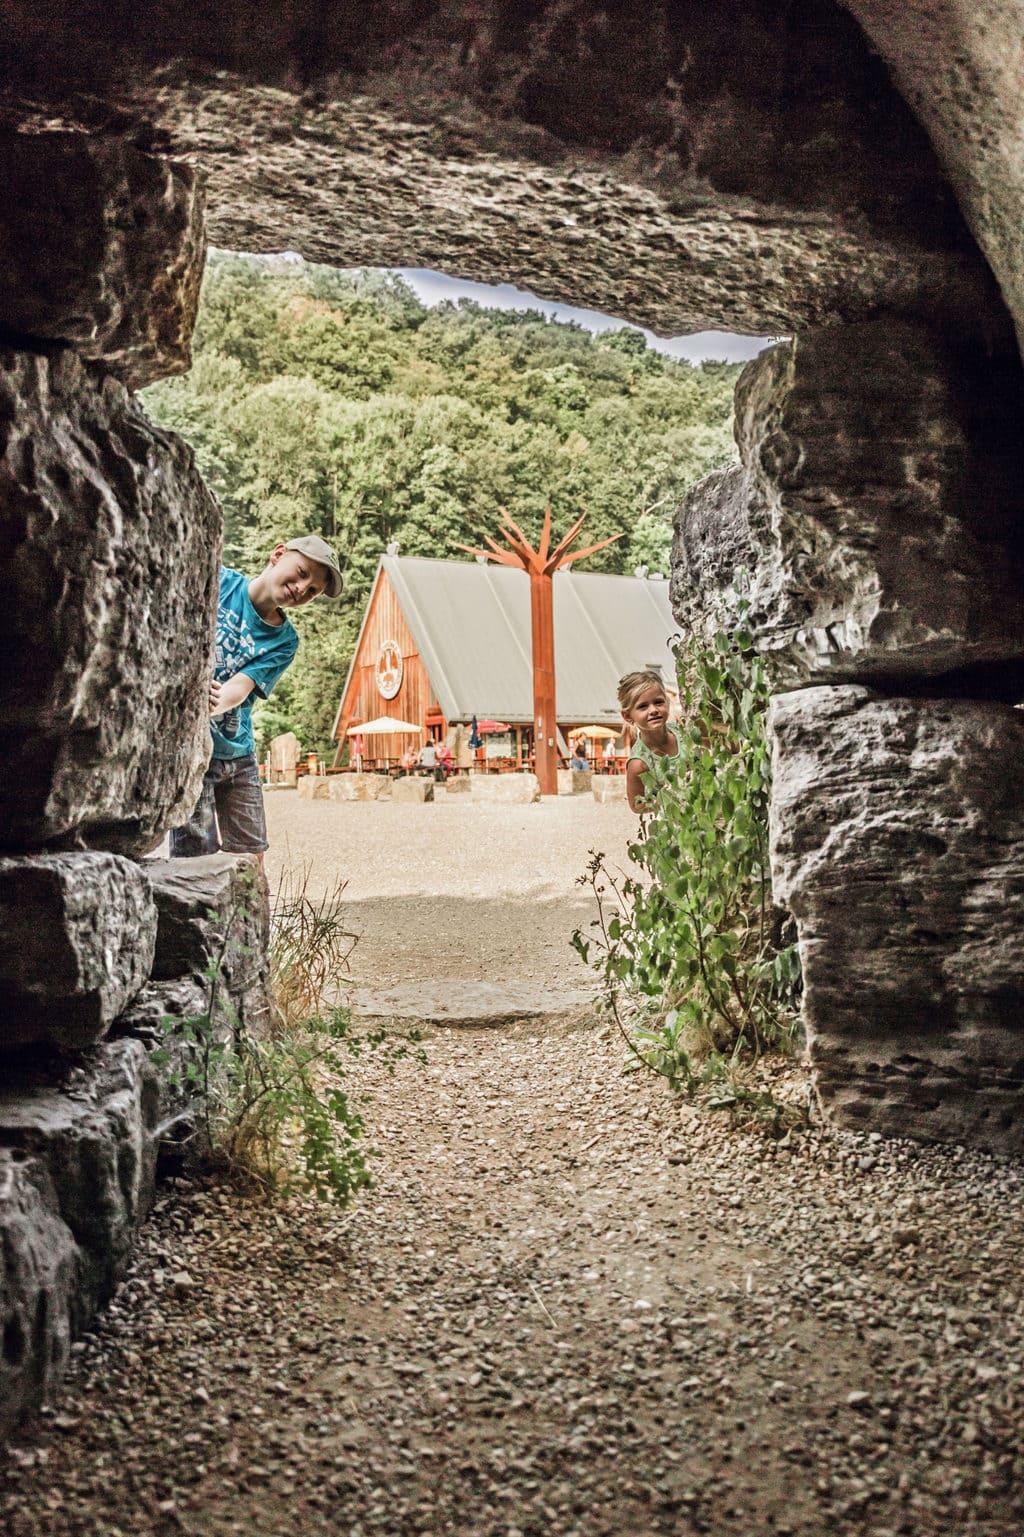 Ingang Charlottenhöhle in Giengen an der Brenz in Baden-Würrtemberg